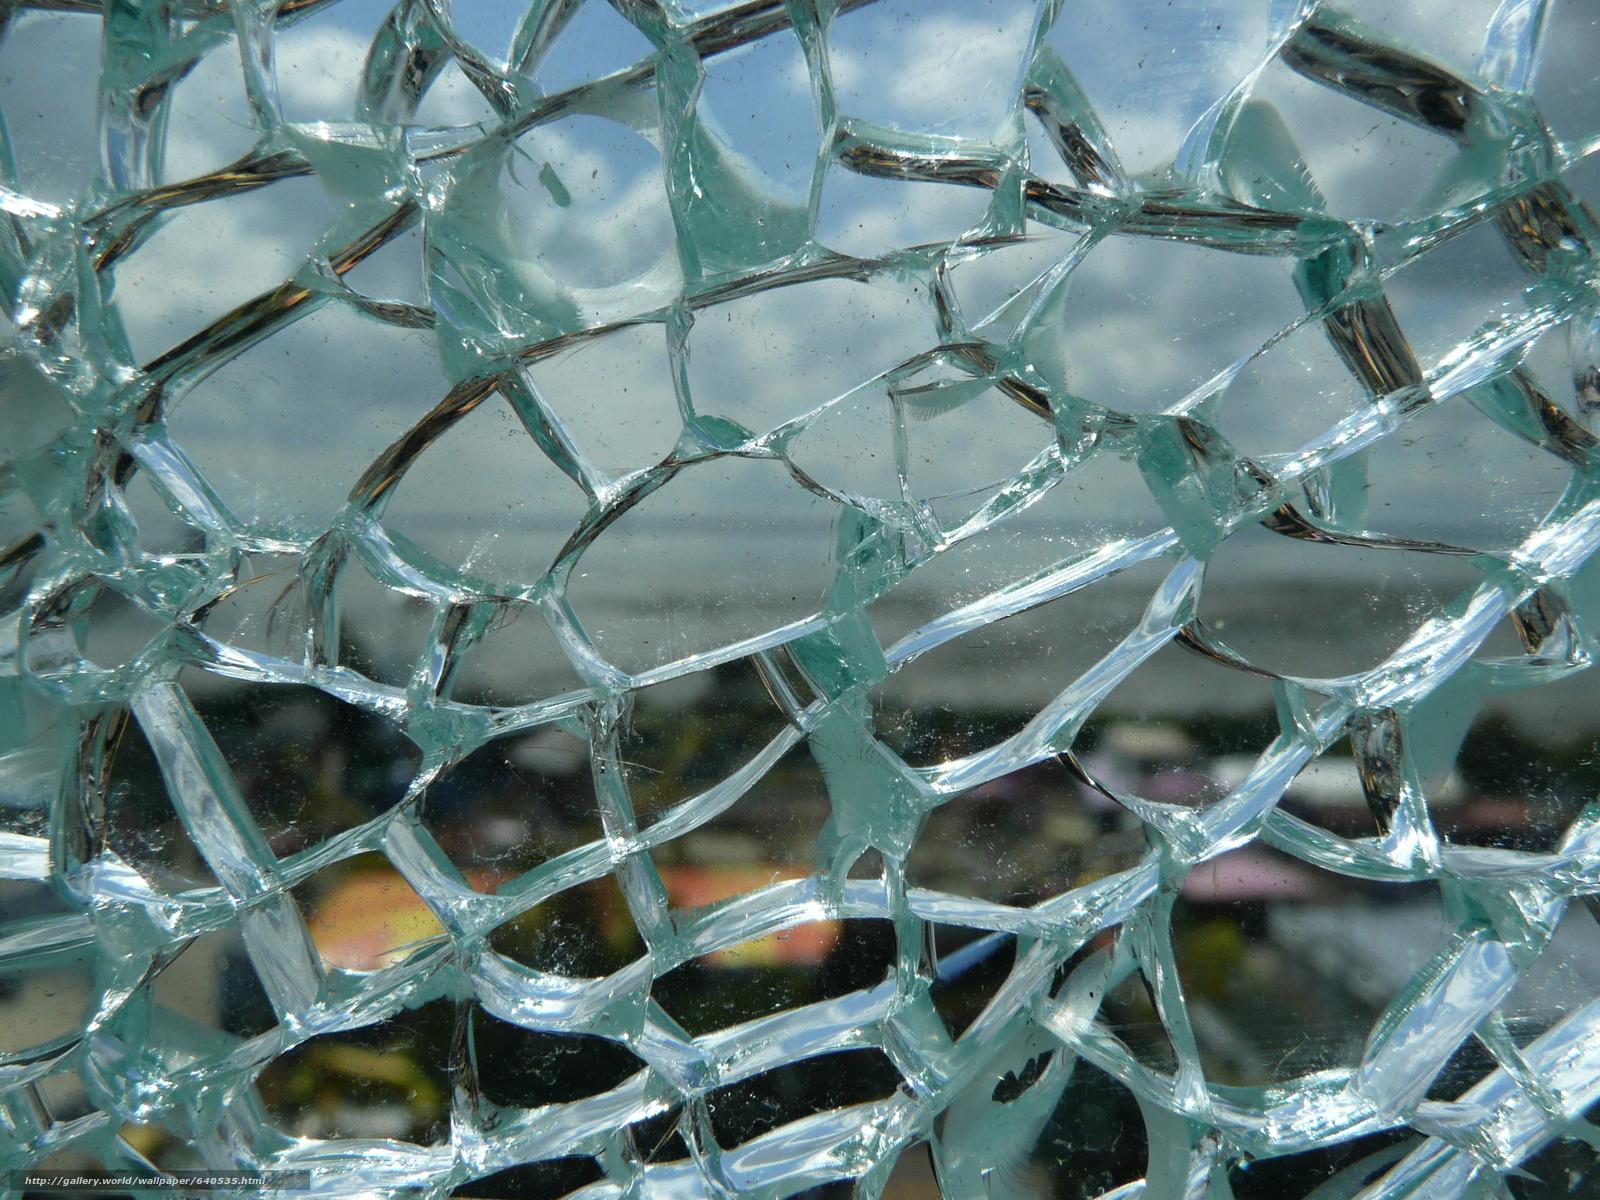 Скачать обои разбитое стекло,  трещины,  стекло,  текстура бесплатно для рабочего стола в разрешении 3072x2304 — картинка №640535